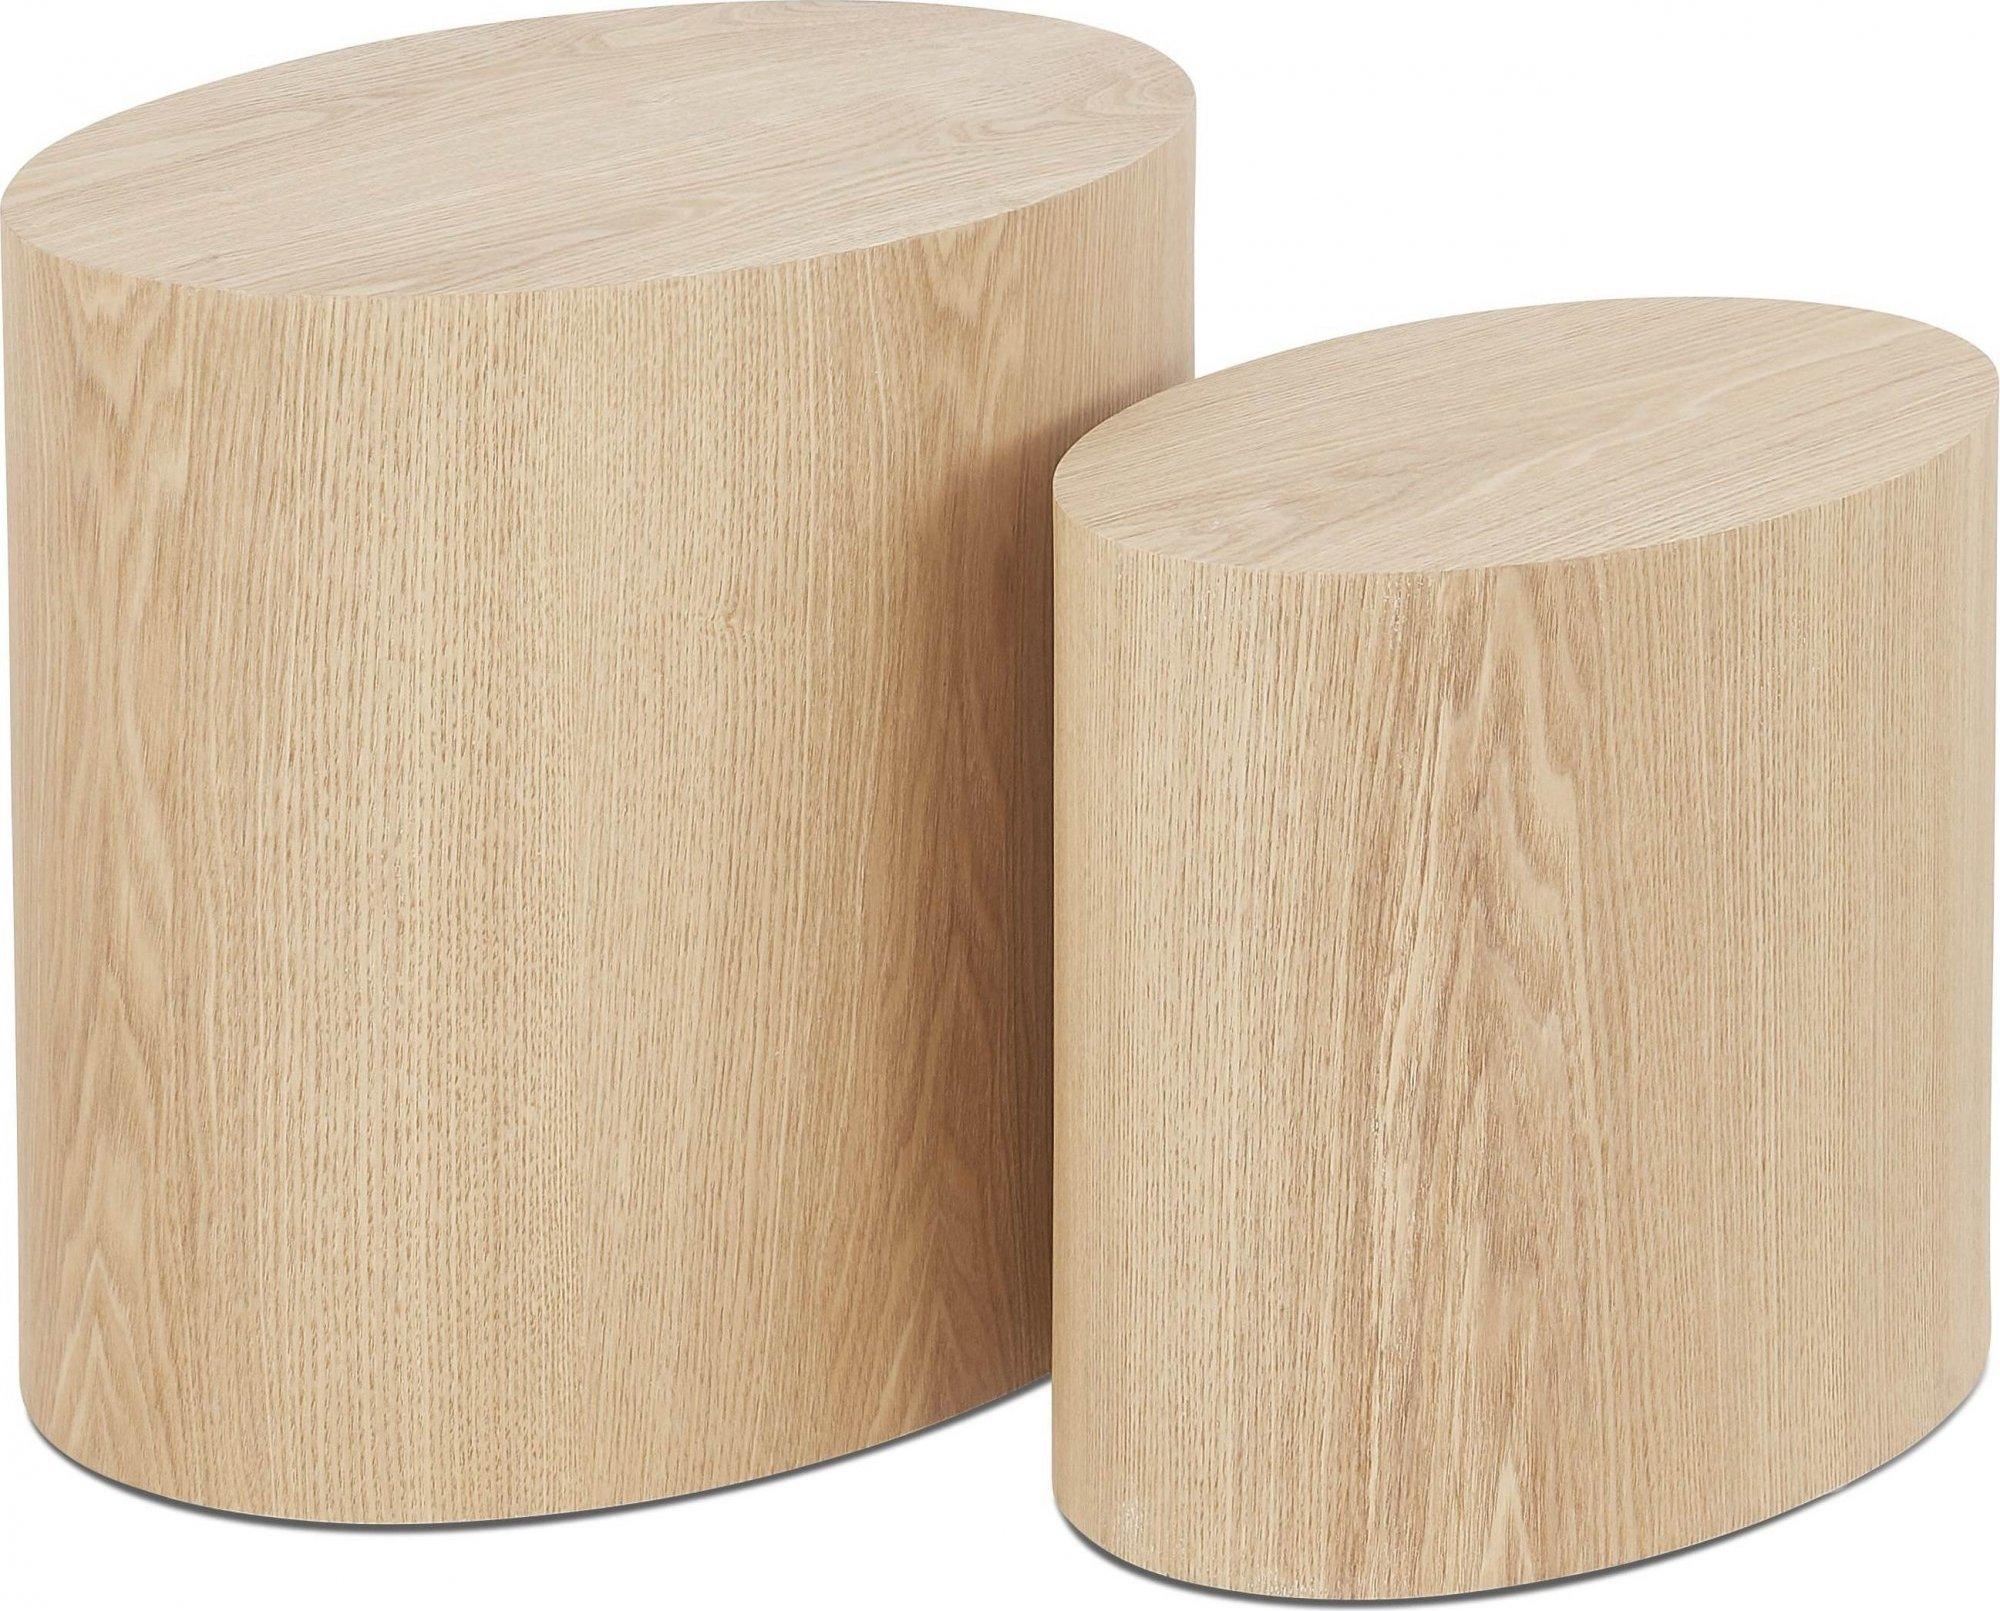 Table basse design bois couleur bois clair (lot de 2)